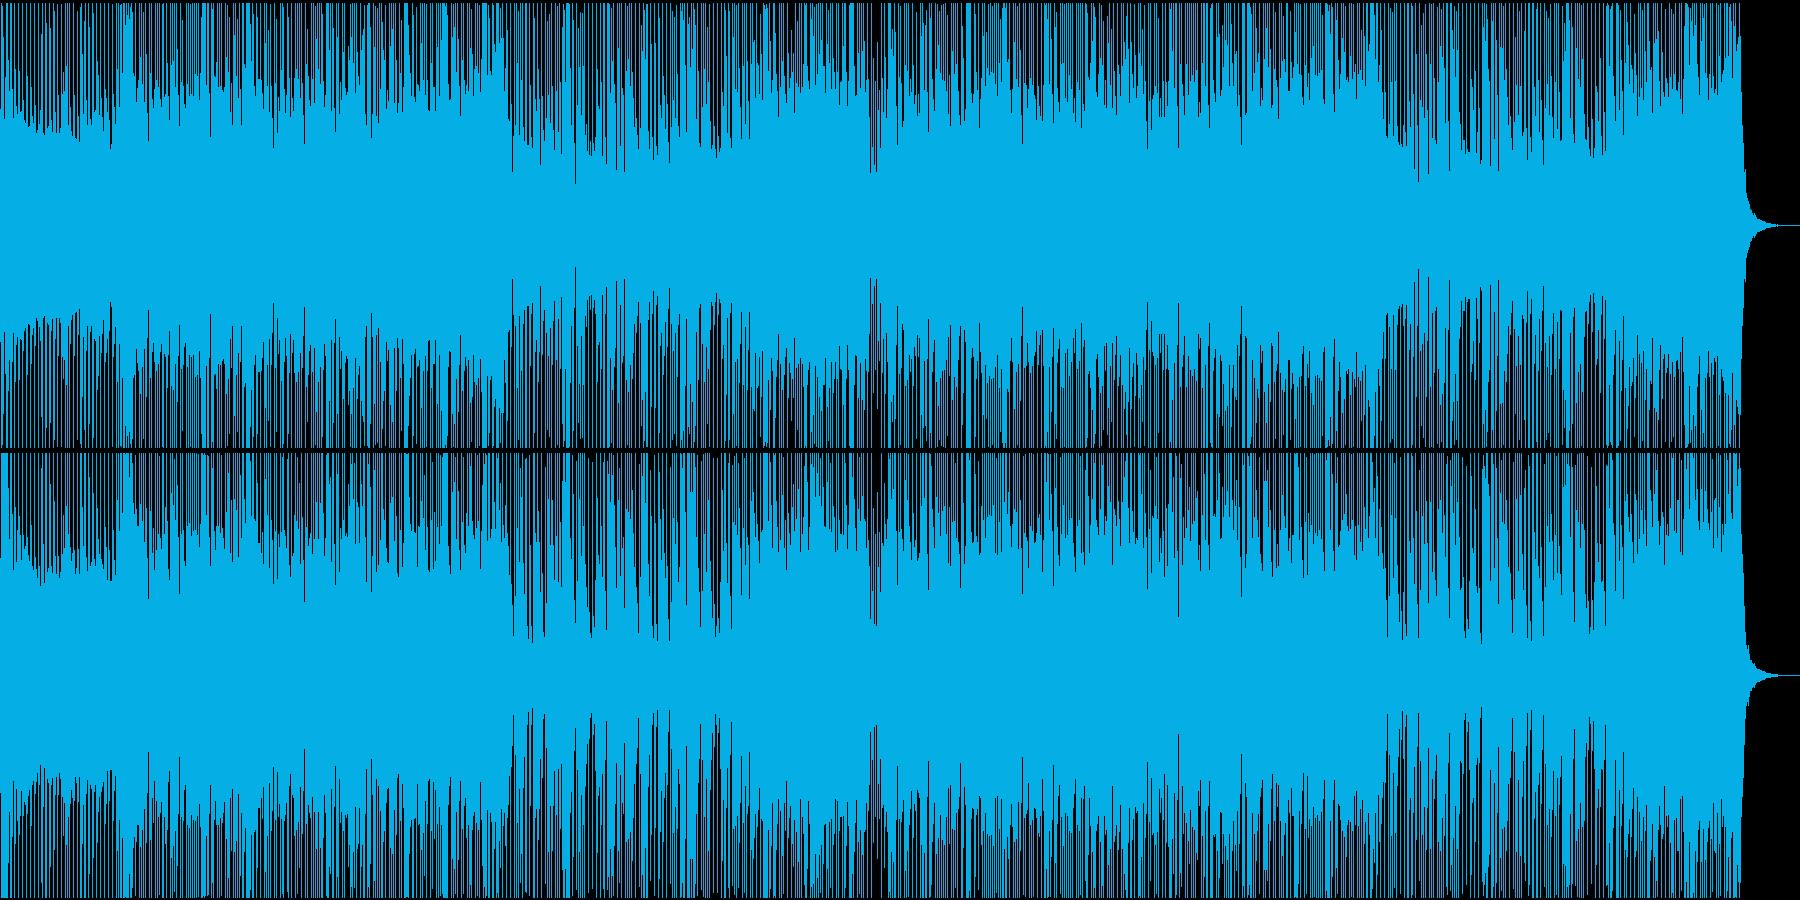 ロック/激しい/重い/バンド/シンセ抜きの再生済みの波形